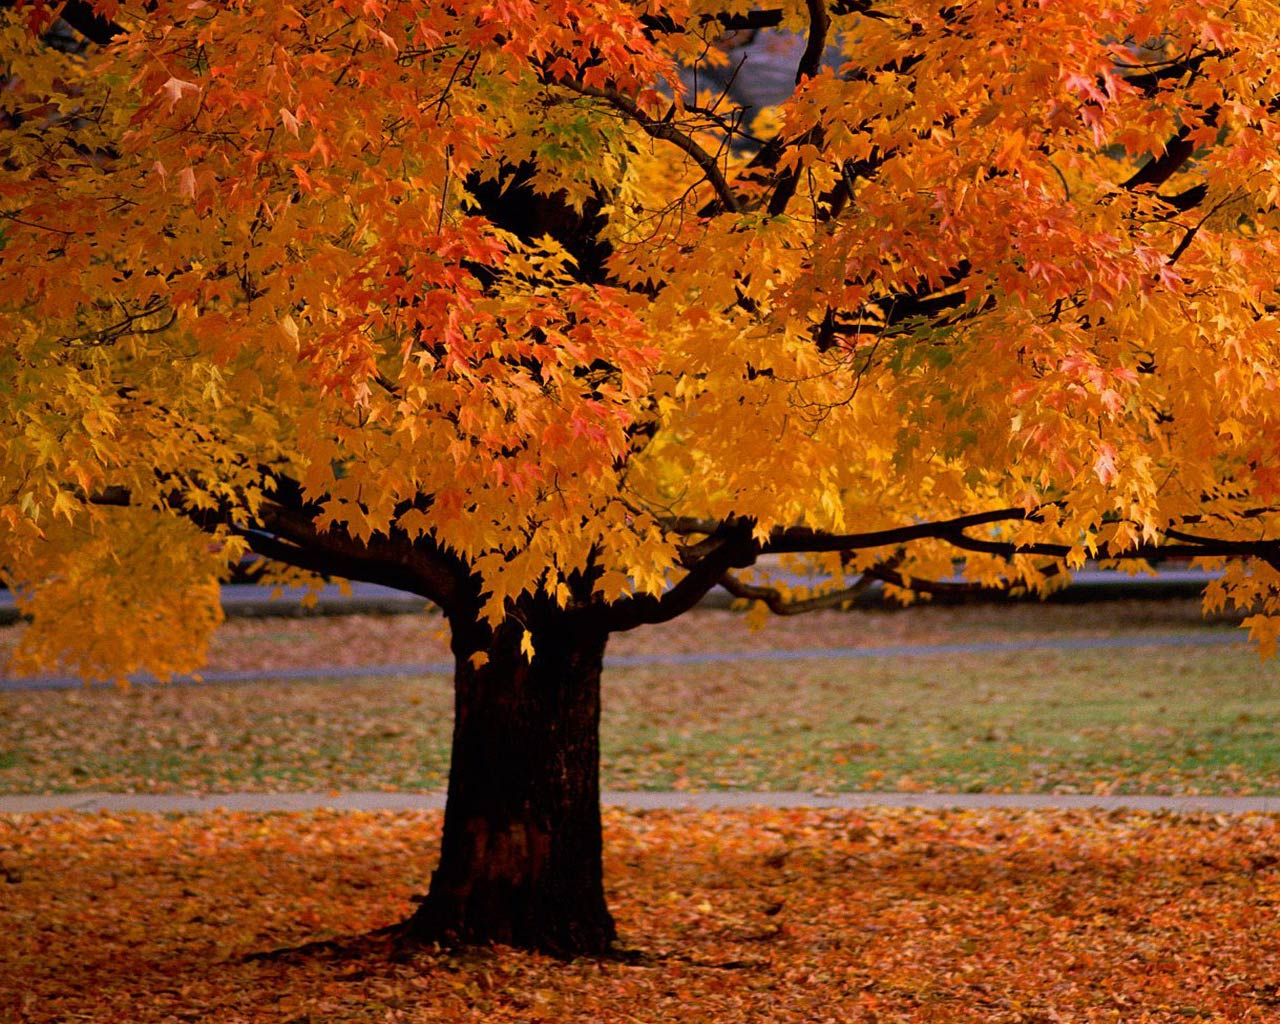 http://4.bp.blogspot.com/_X5vUbe9gTfY/TO3jaI13y-I/AAAAAAAAGUI/JsY_Iq2hh40/s1600/tree.jpg